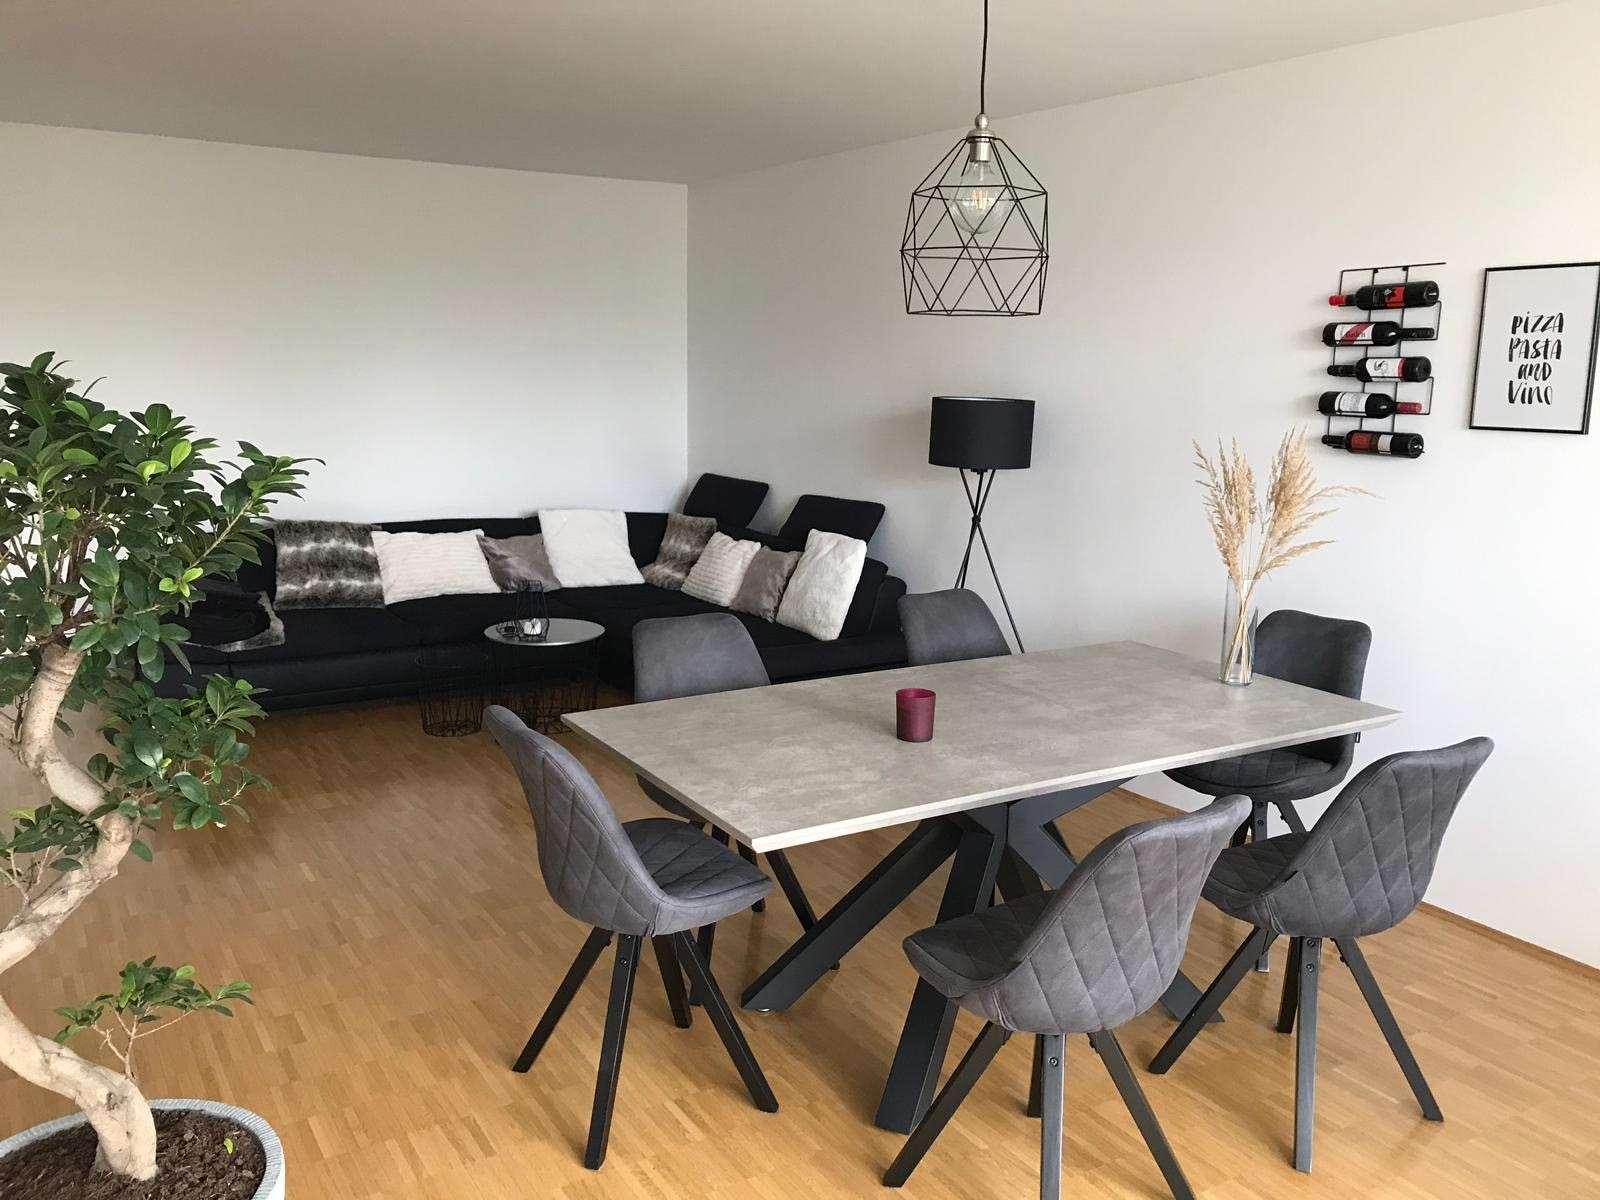 ZUR UNTERMIETE FÜR 1 JAHR! möblierte großzügige helle 2- Zimmer Wohnung im Grünen. Top Lage. in Trudering (München)